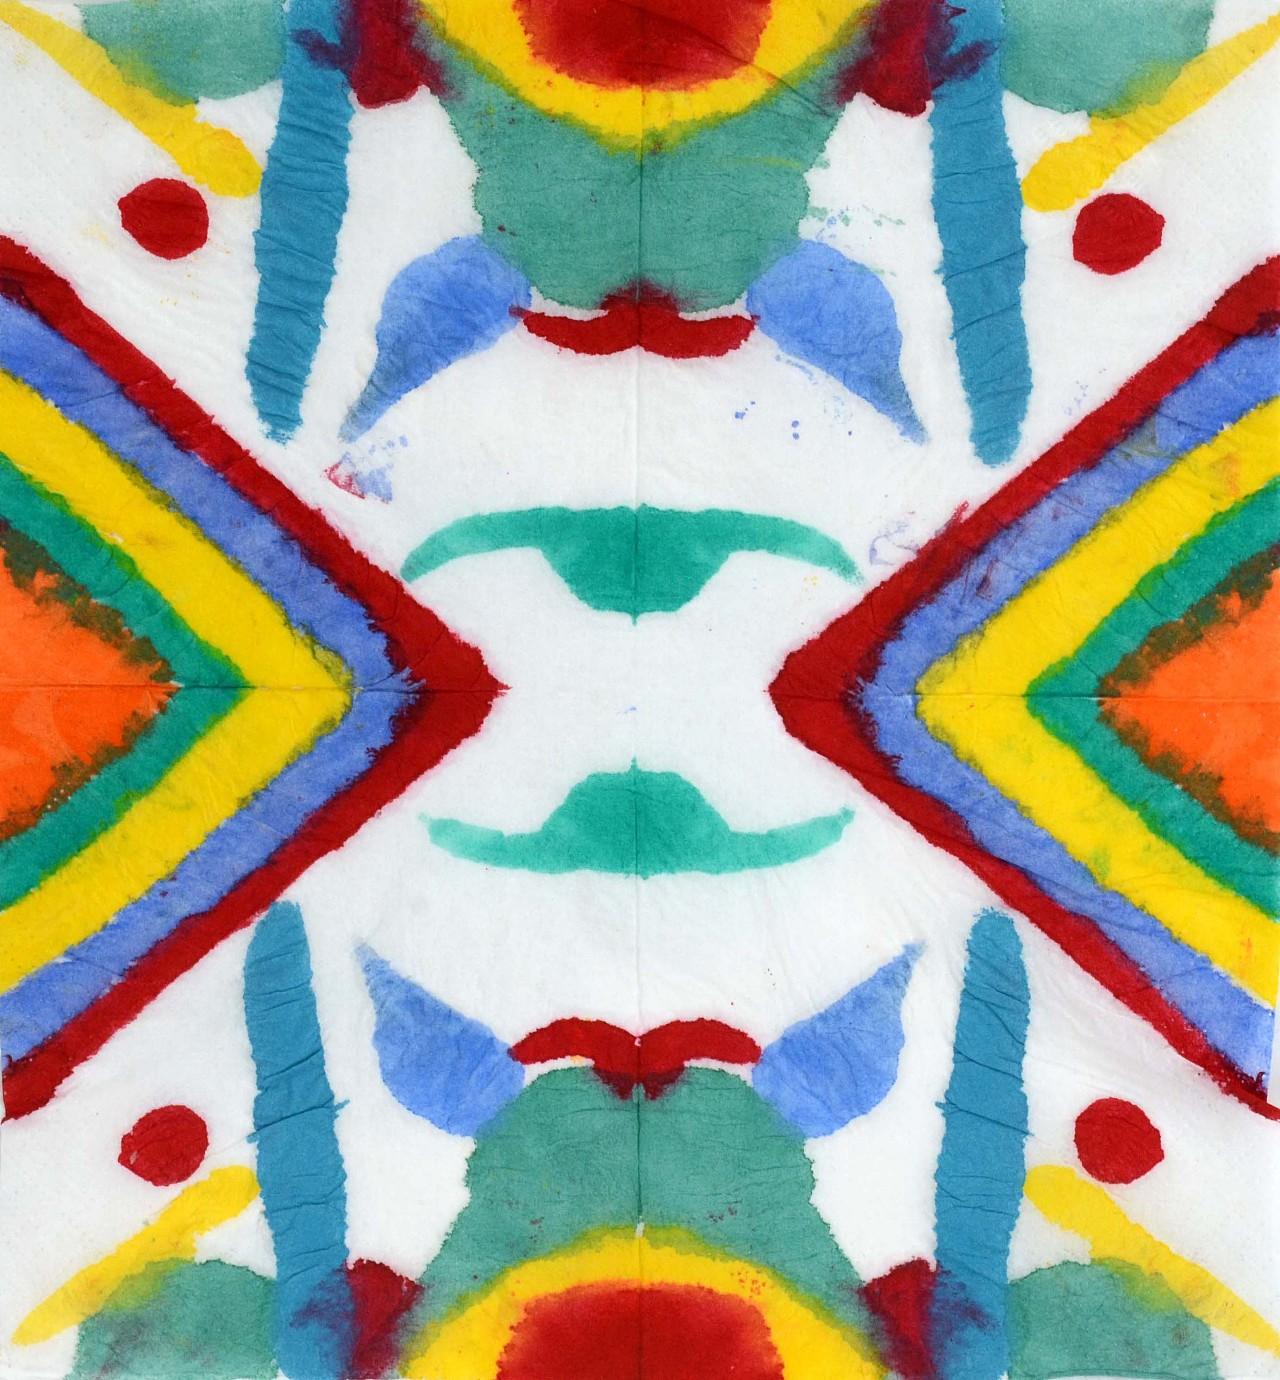 彩纸|手工艺|其他手工|wy贝贝悦 - 原创作品 - 站酷